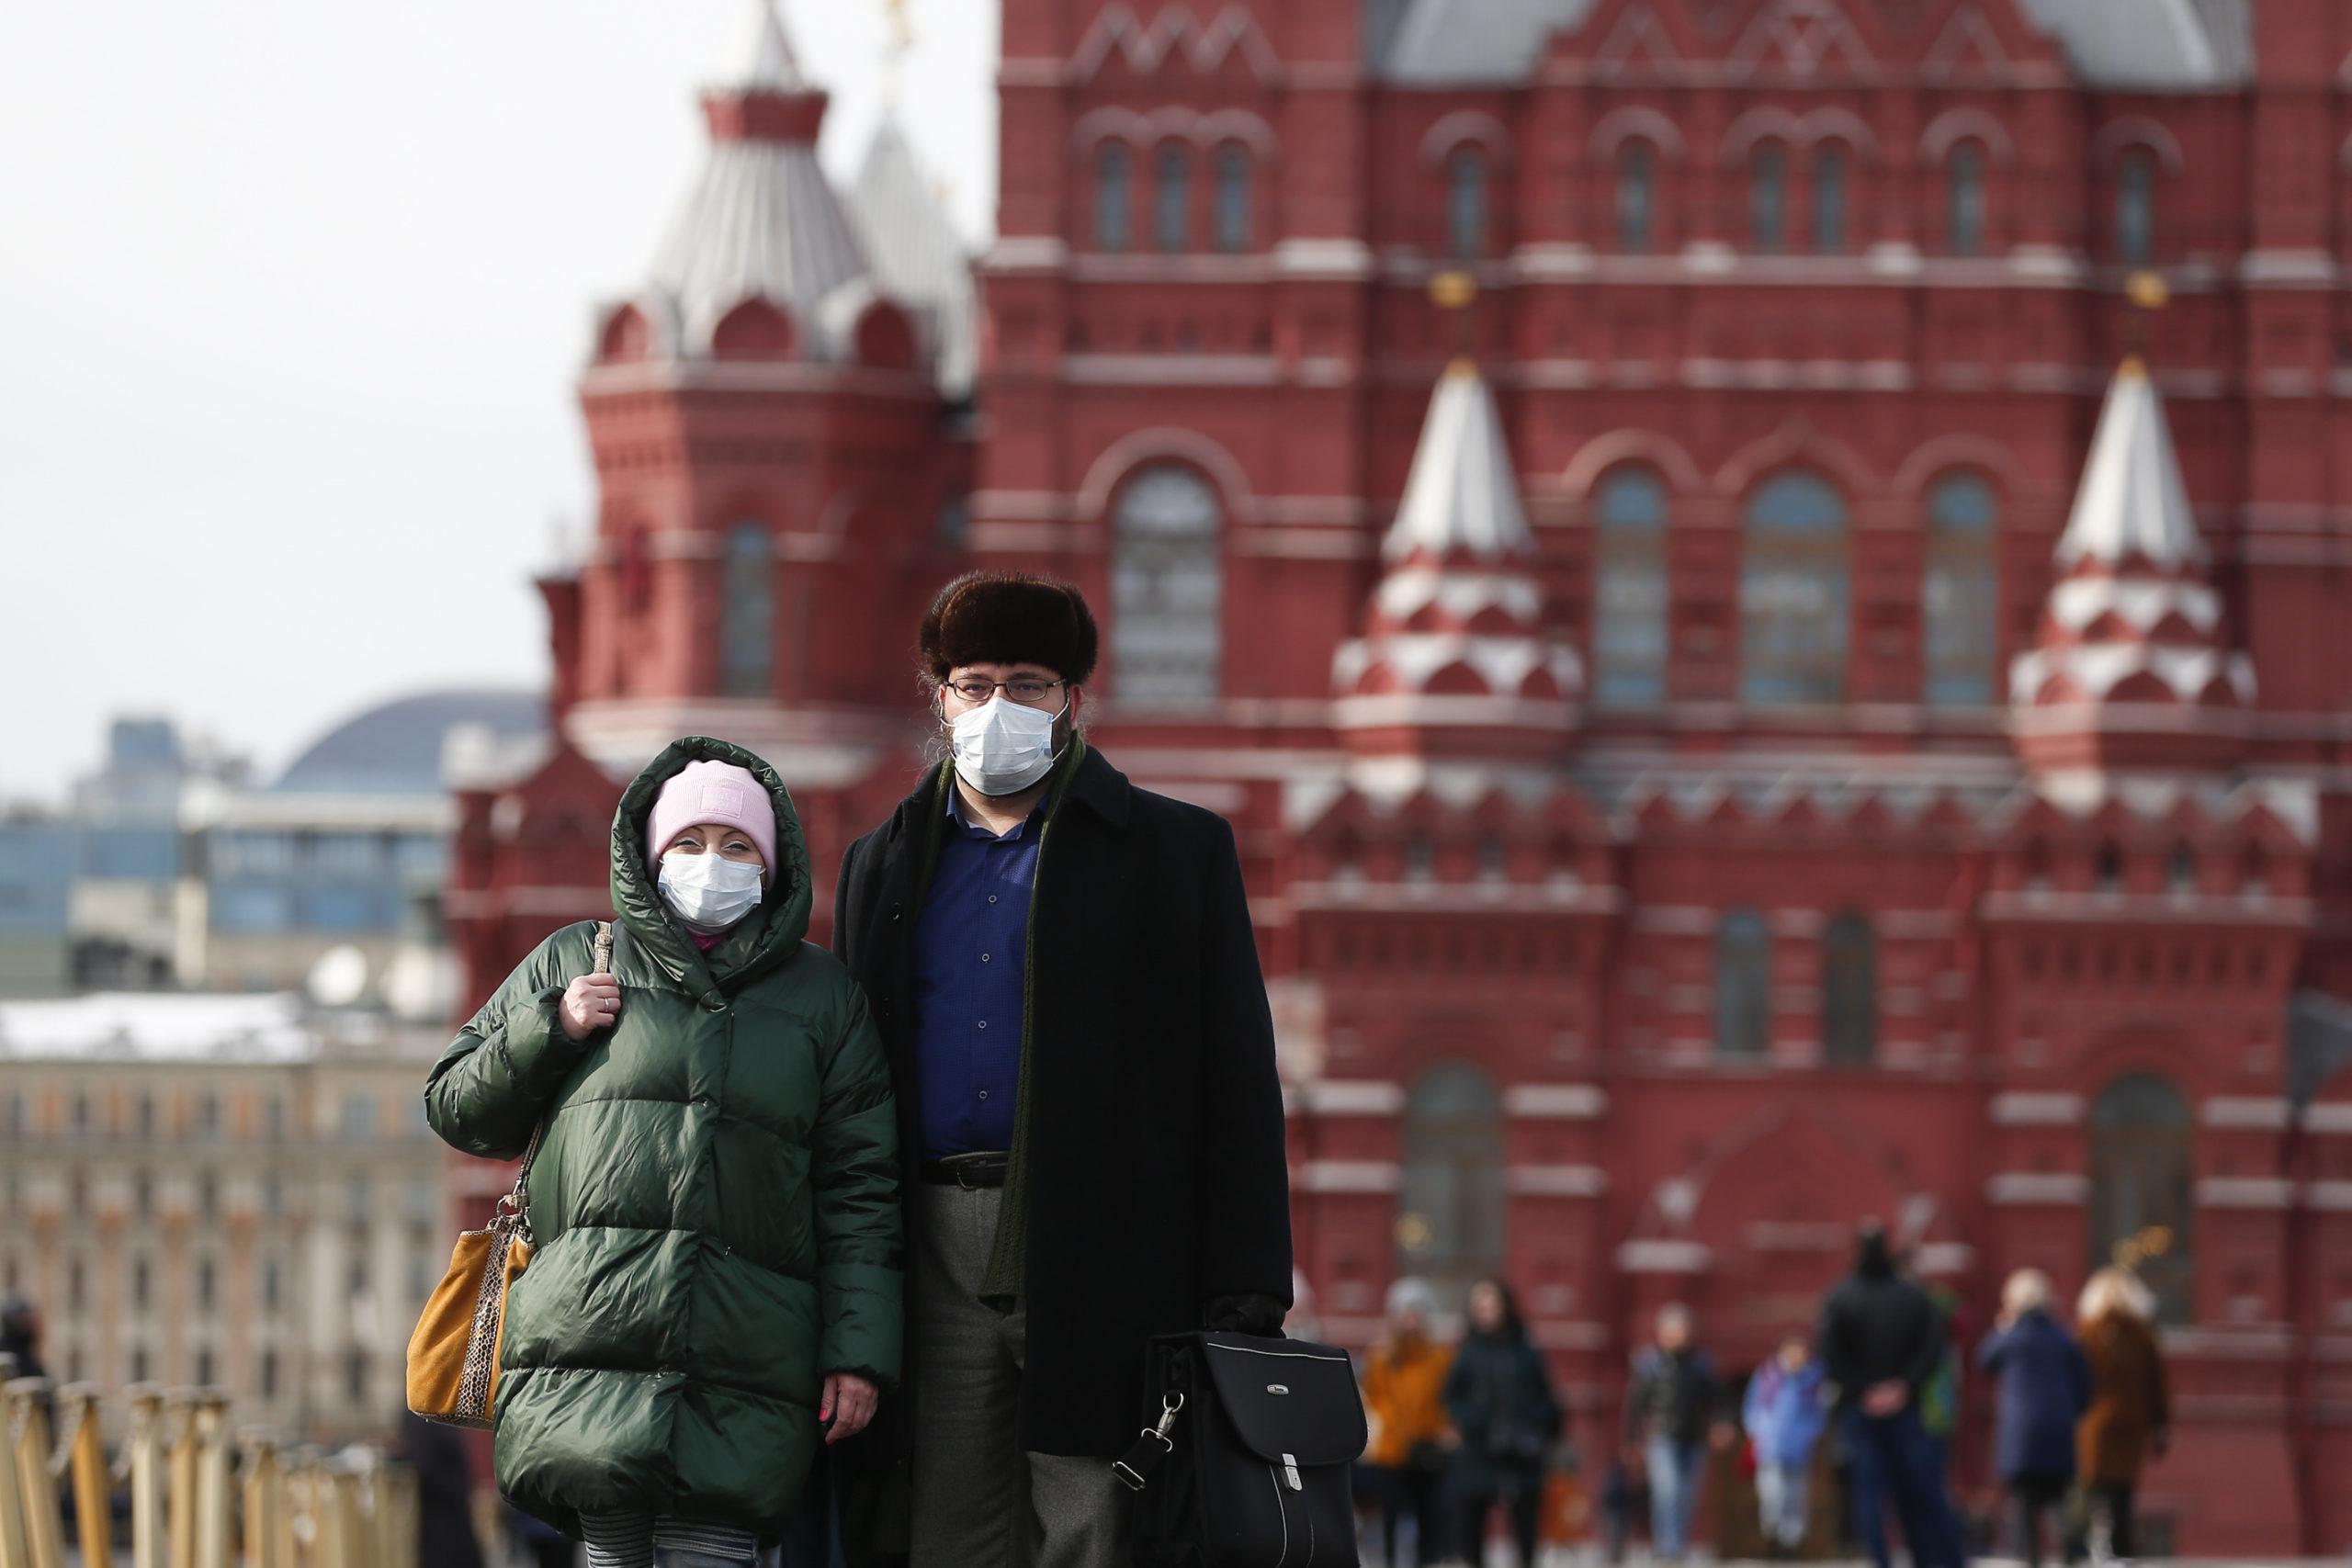 RUSYA'DA COVİD-19 VAKA SAYISI 1 MİLYON 10 BİN!